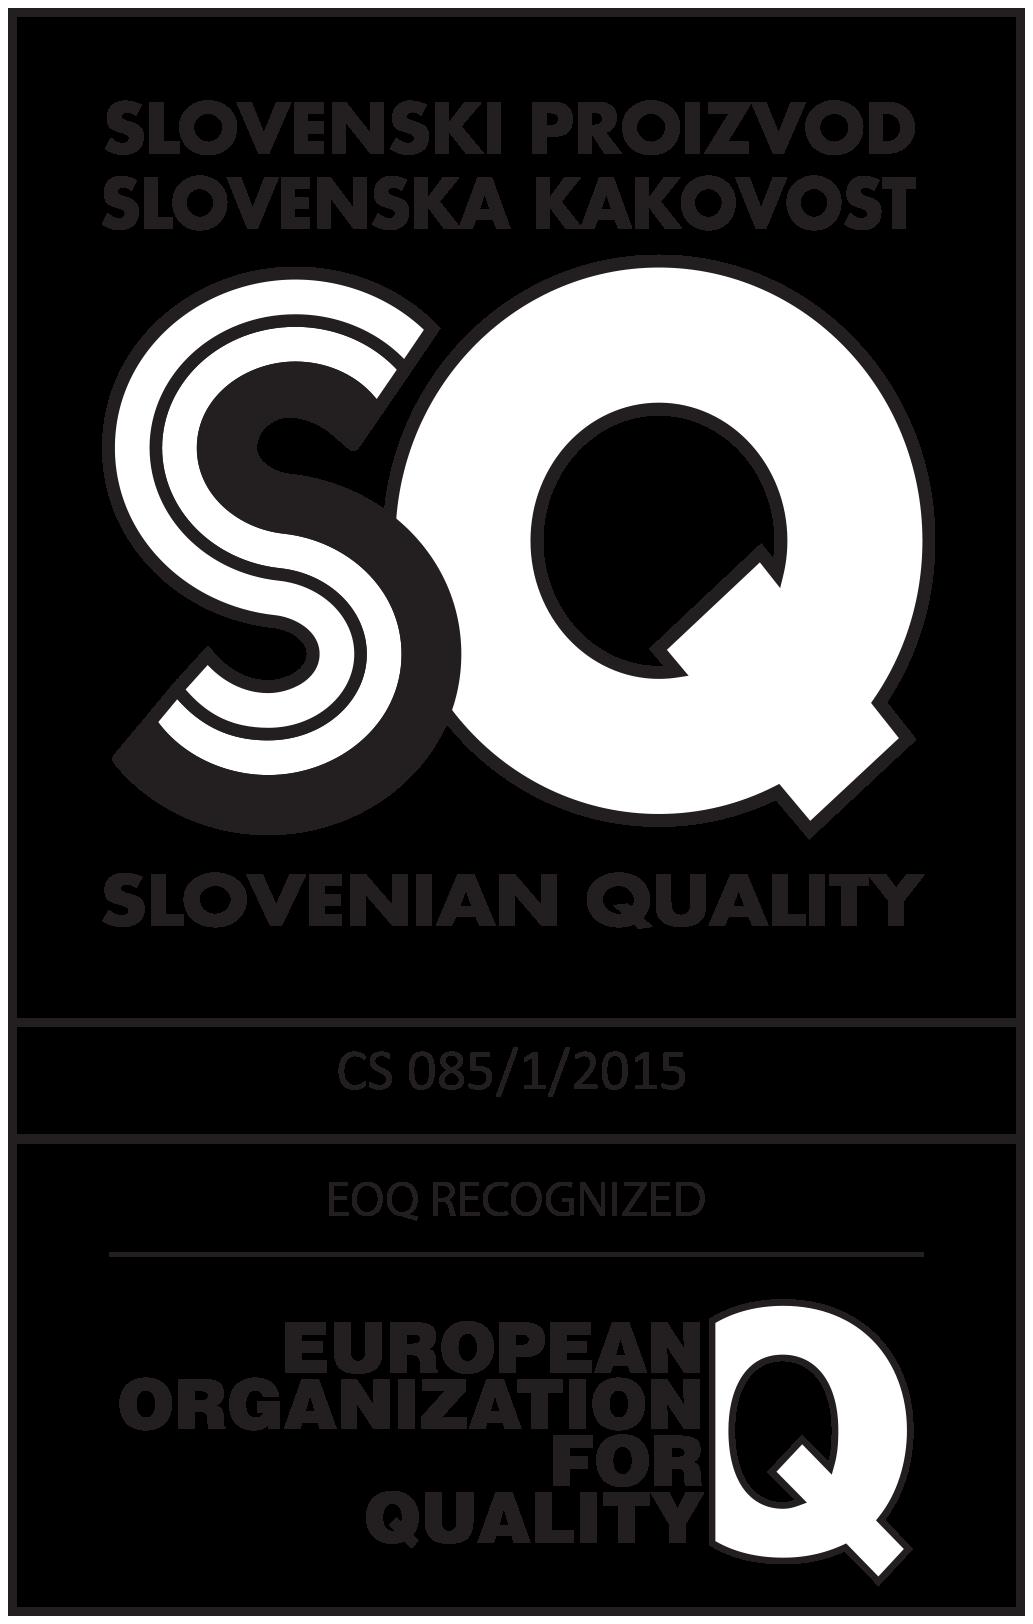 Slovenski proizvod